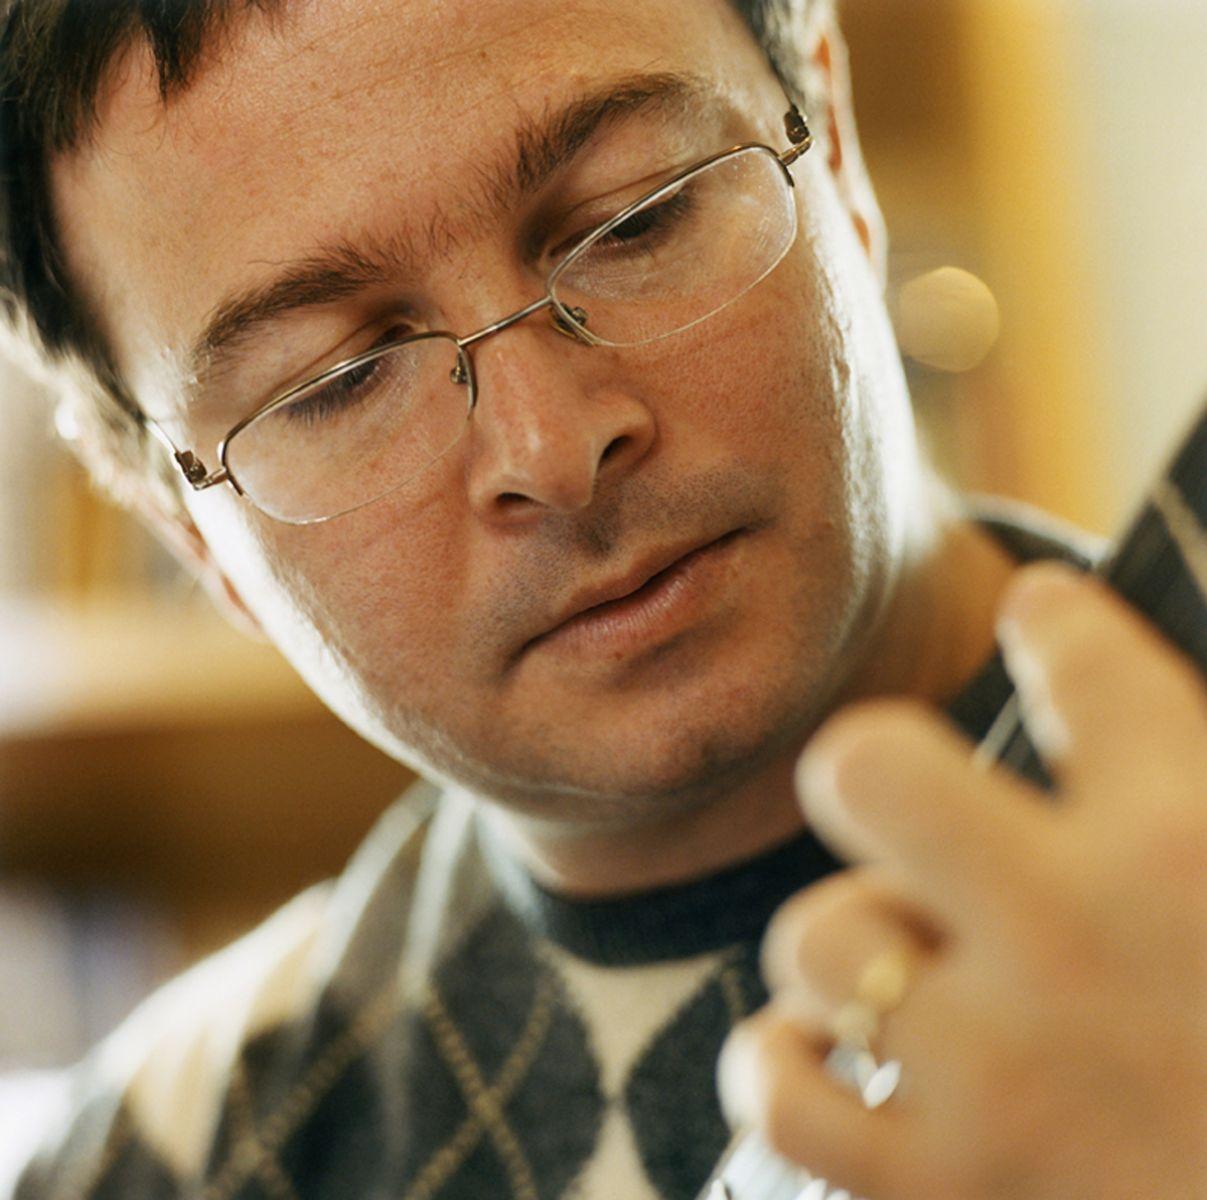 Novo curso de violão impressiona pelo elenco de professores e variedade de temas - Camilo Carrara